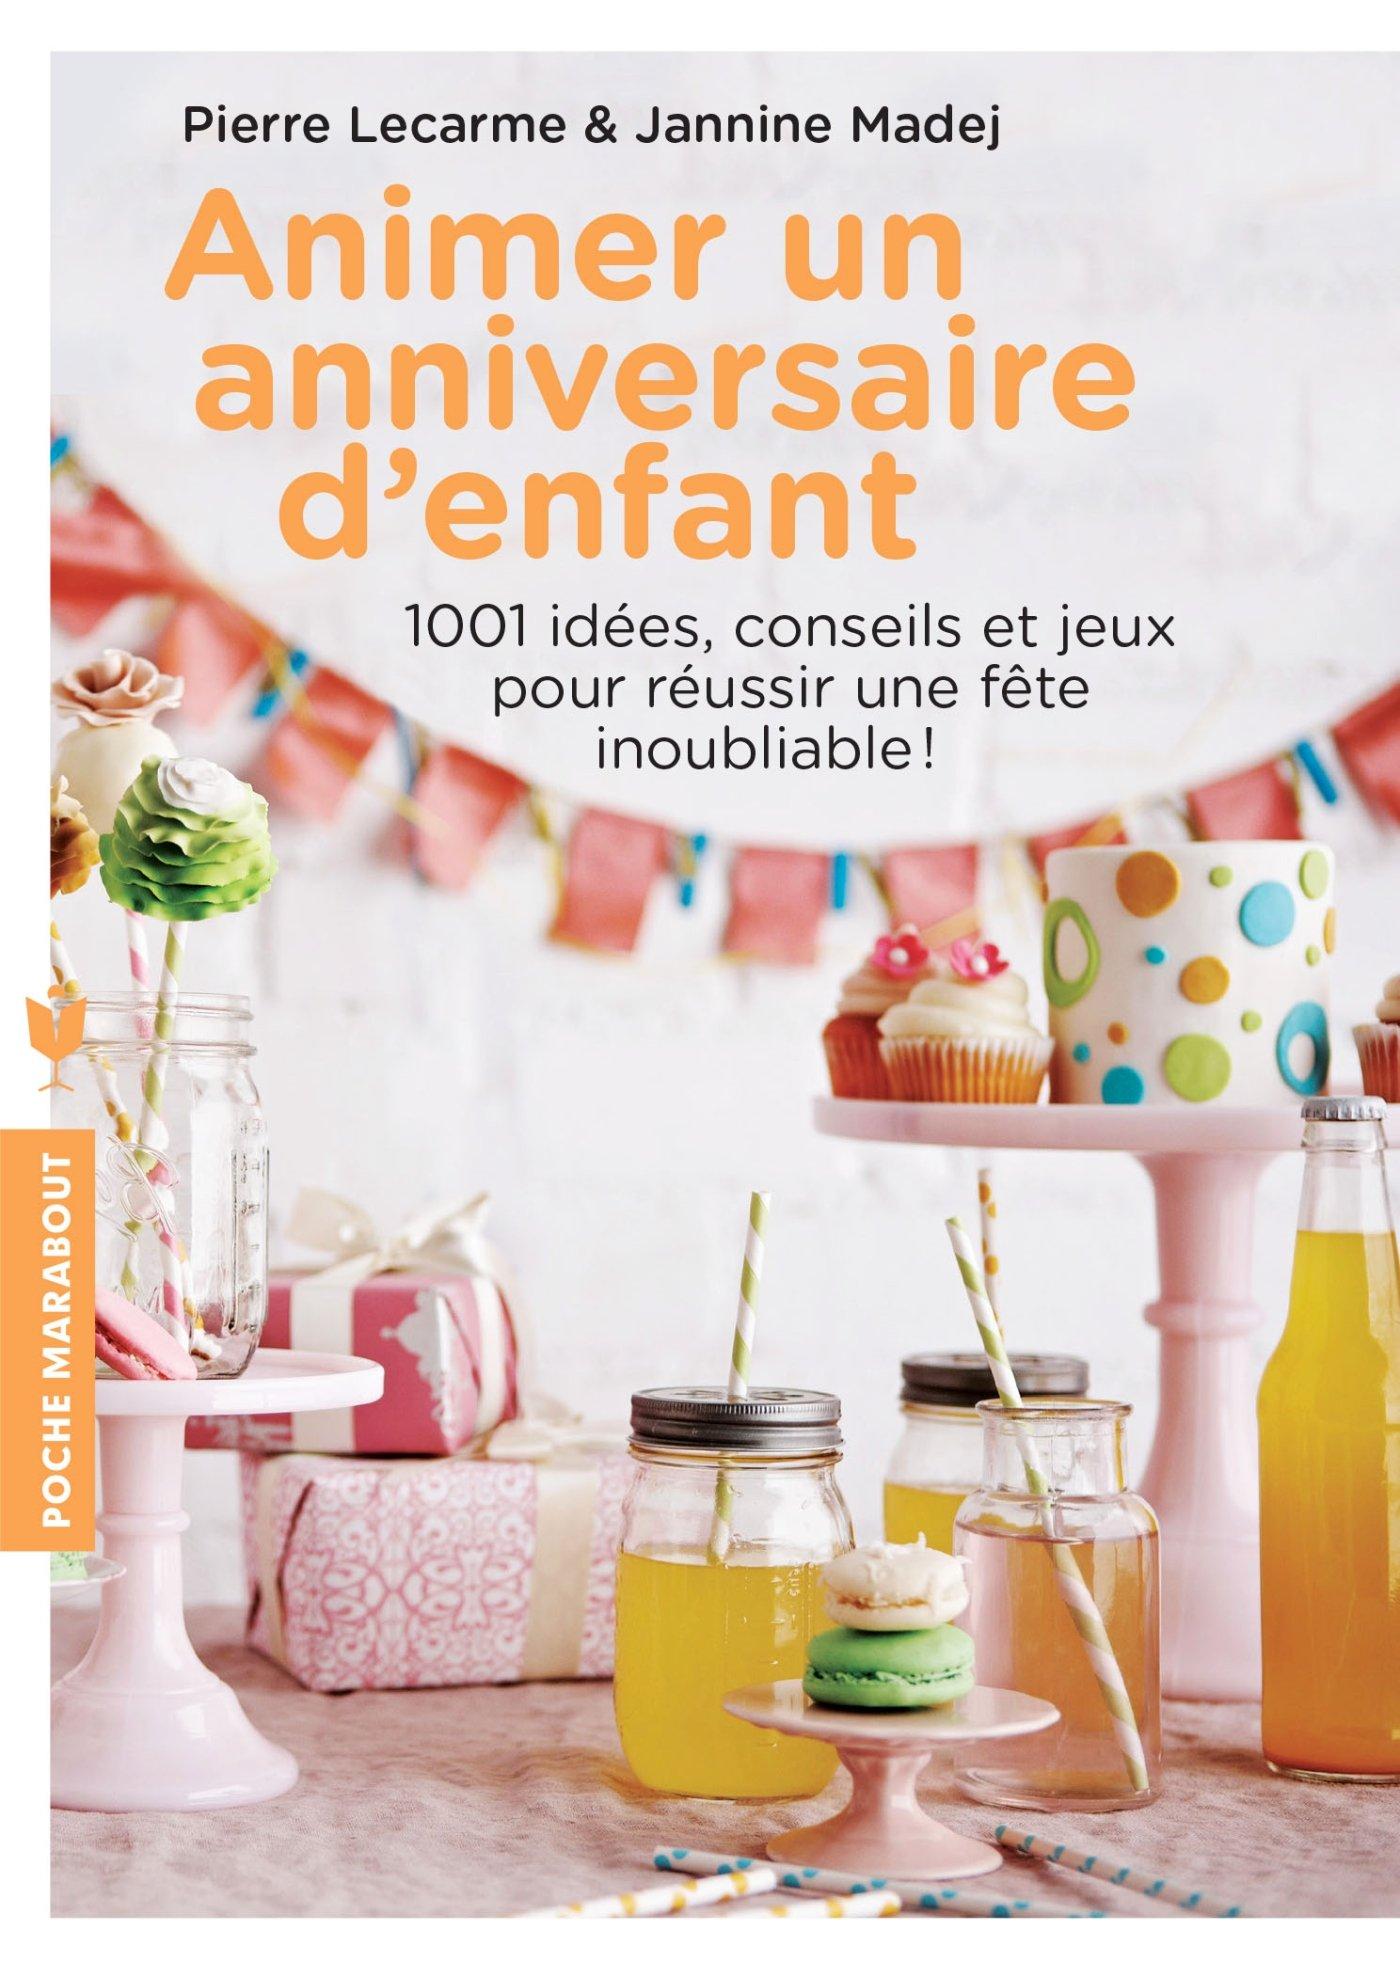 Animer un anniversaire d'enfant: 1001 idées, conseils et jeux pour réussir  une fête inoubliable: Amazon.fr: Pierre Lecarme, Janine Madej: Livres